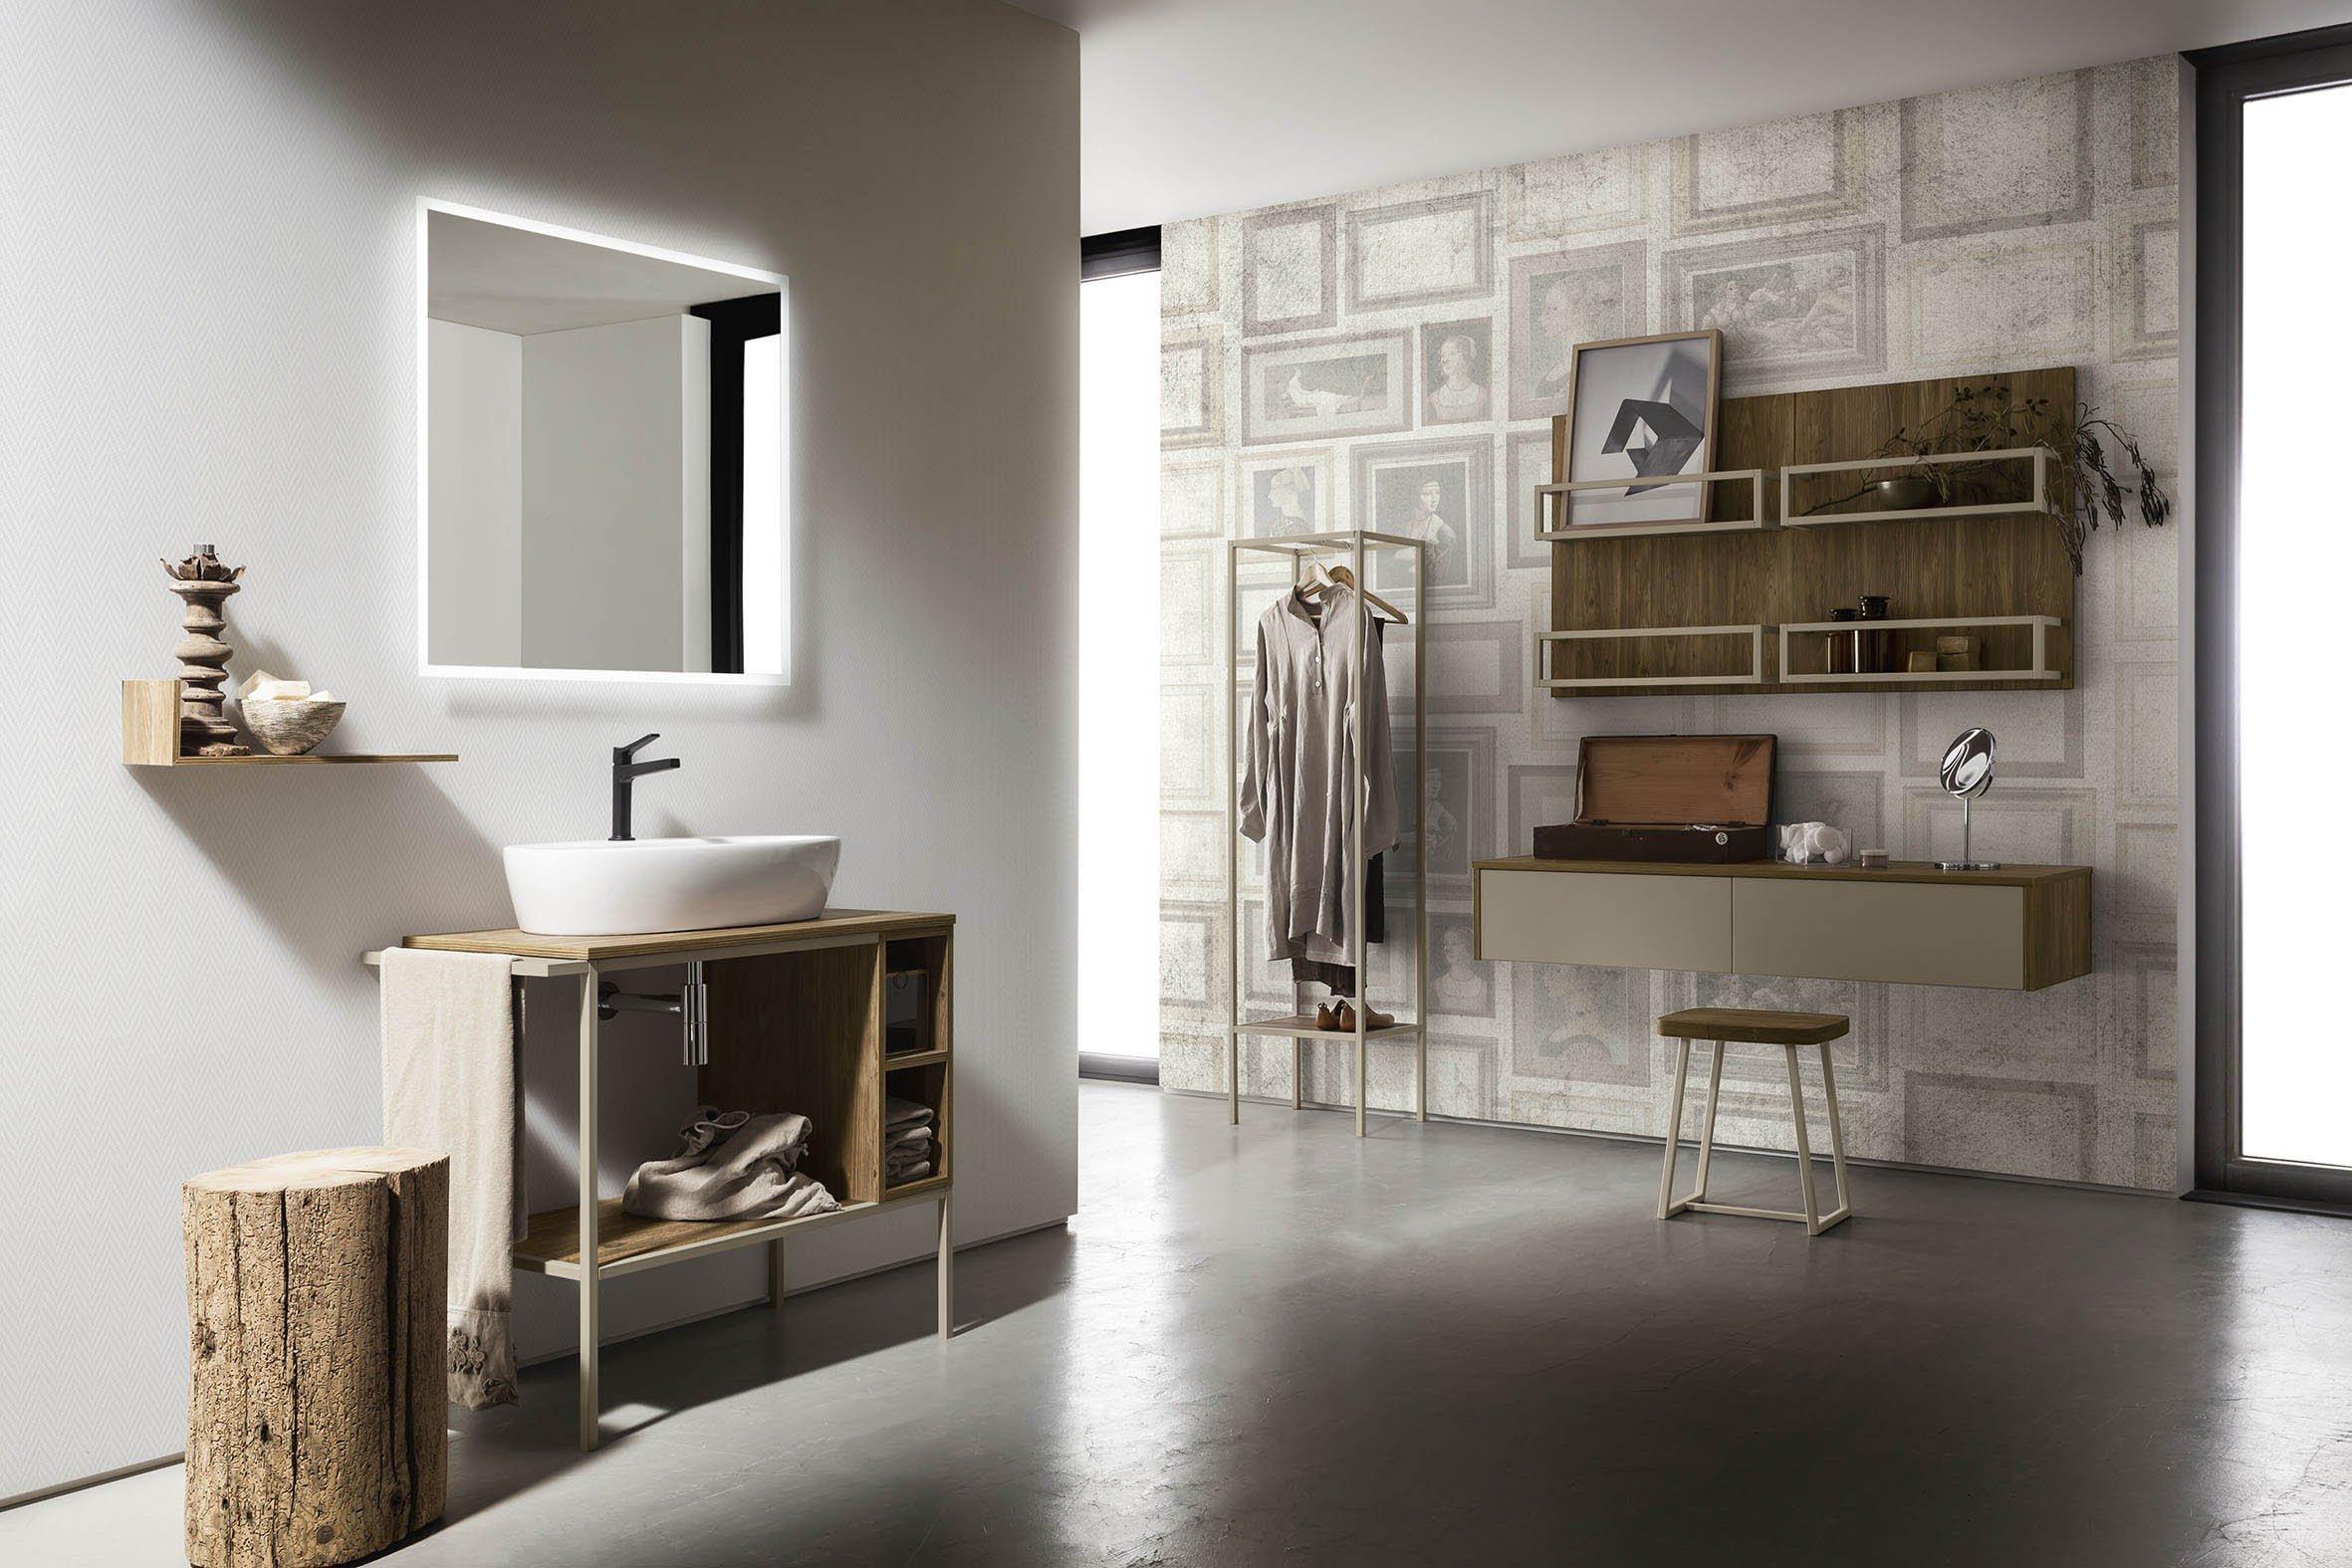 Top cucina ceramica piano d appoggio lavabo - Piano appoggio cucina ...